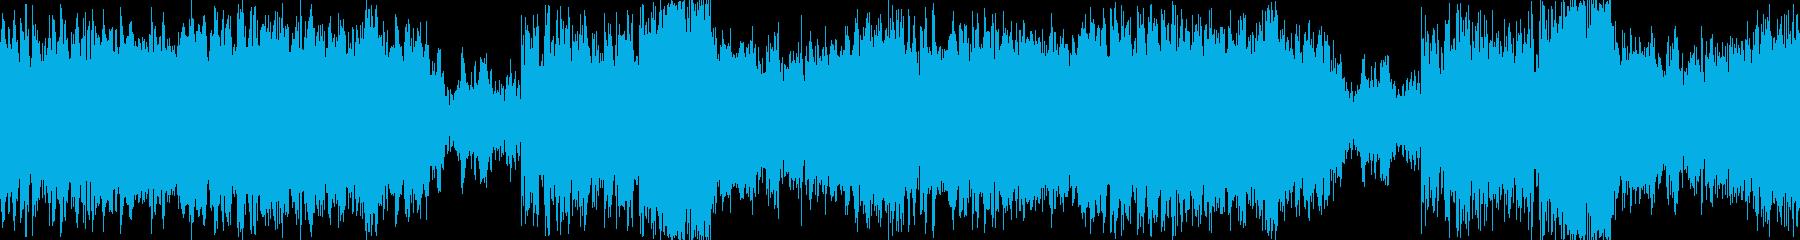 ハロウィンBGM:華麗なるワルツの再生済みの波形